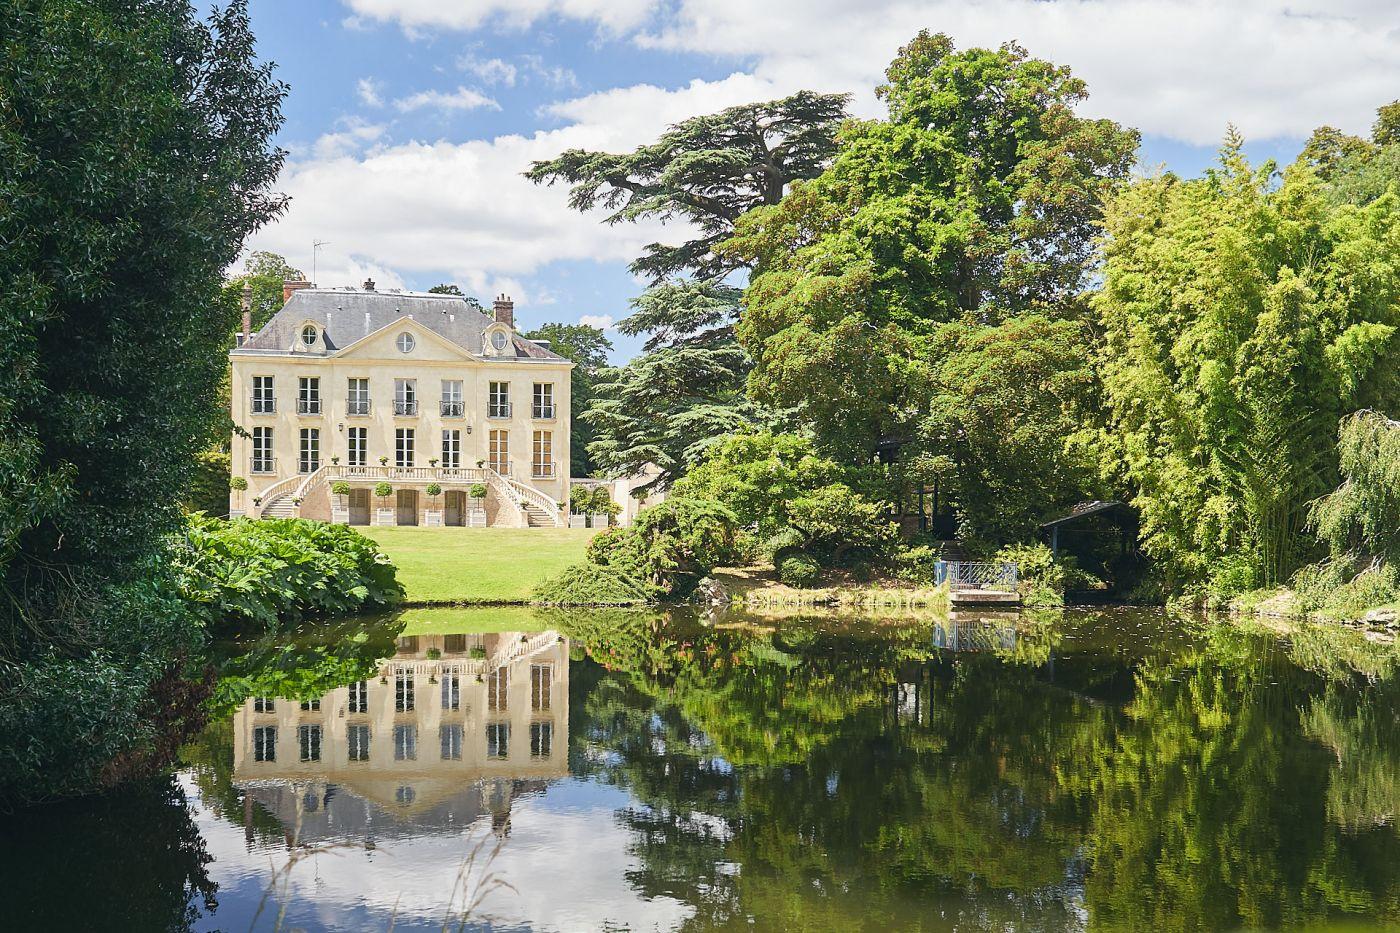 Château de l'arboretum de la Vallée-aux-loups